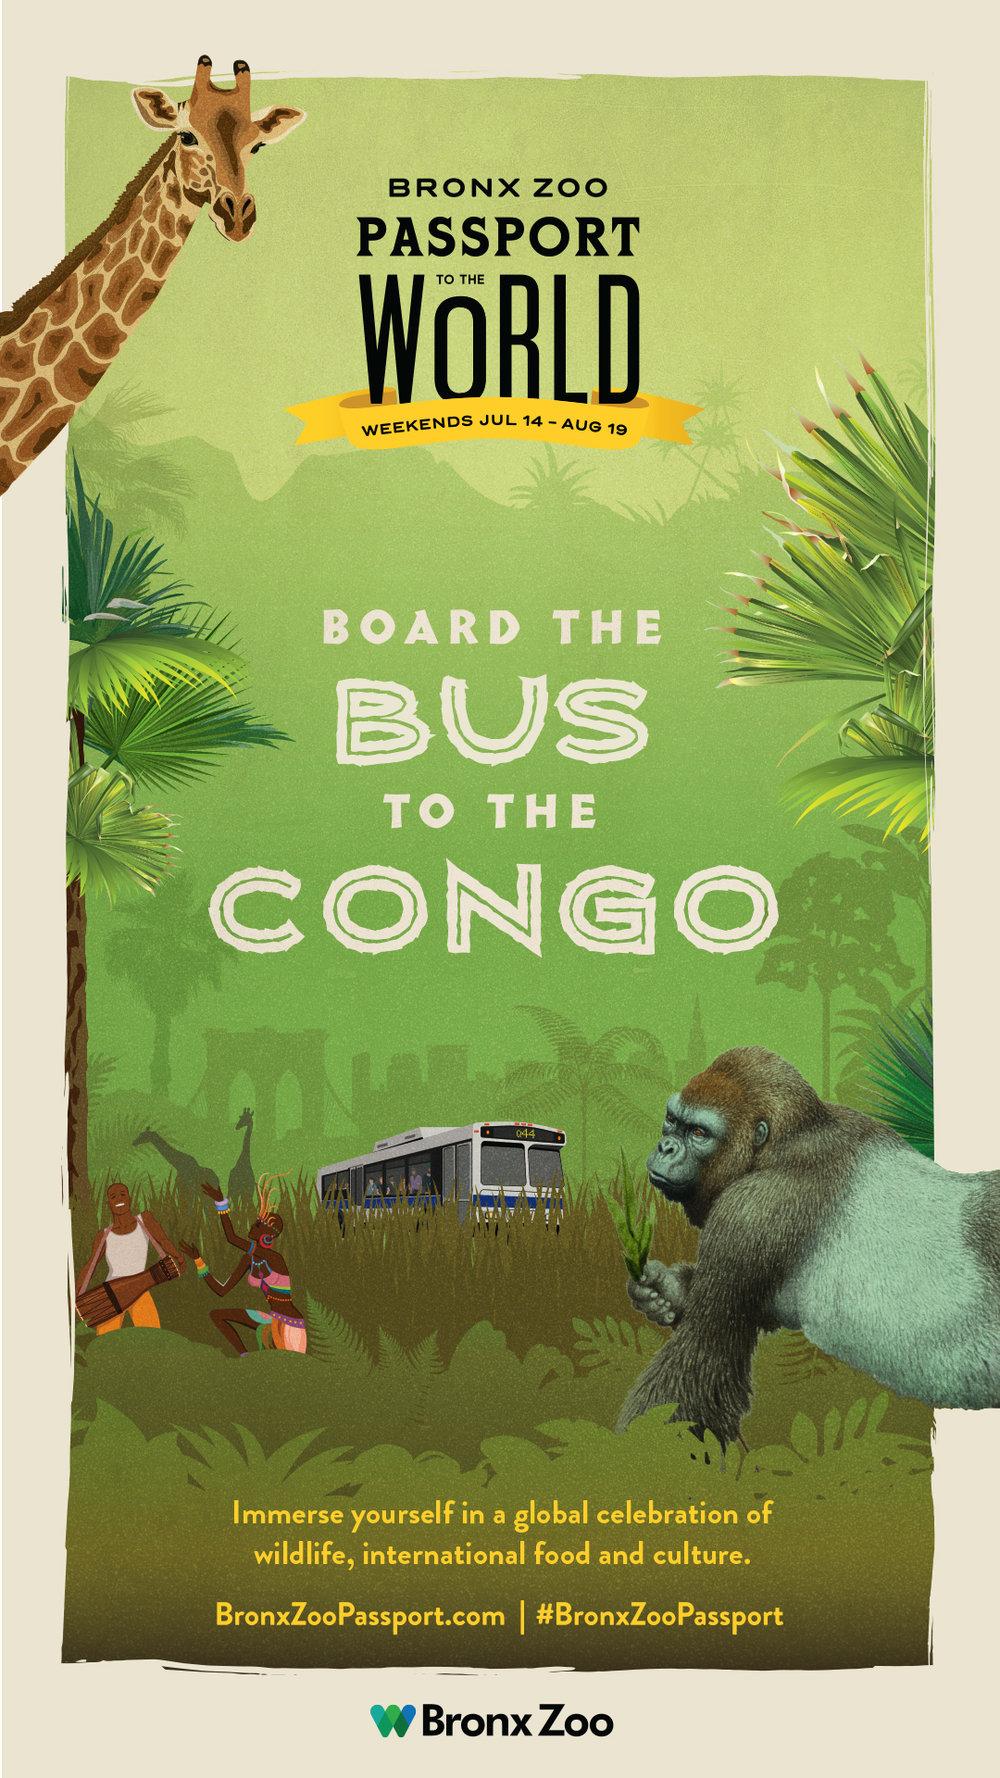 BRZ-18-028_LinkNYC_Congo_1080x1920_v8.jpg